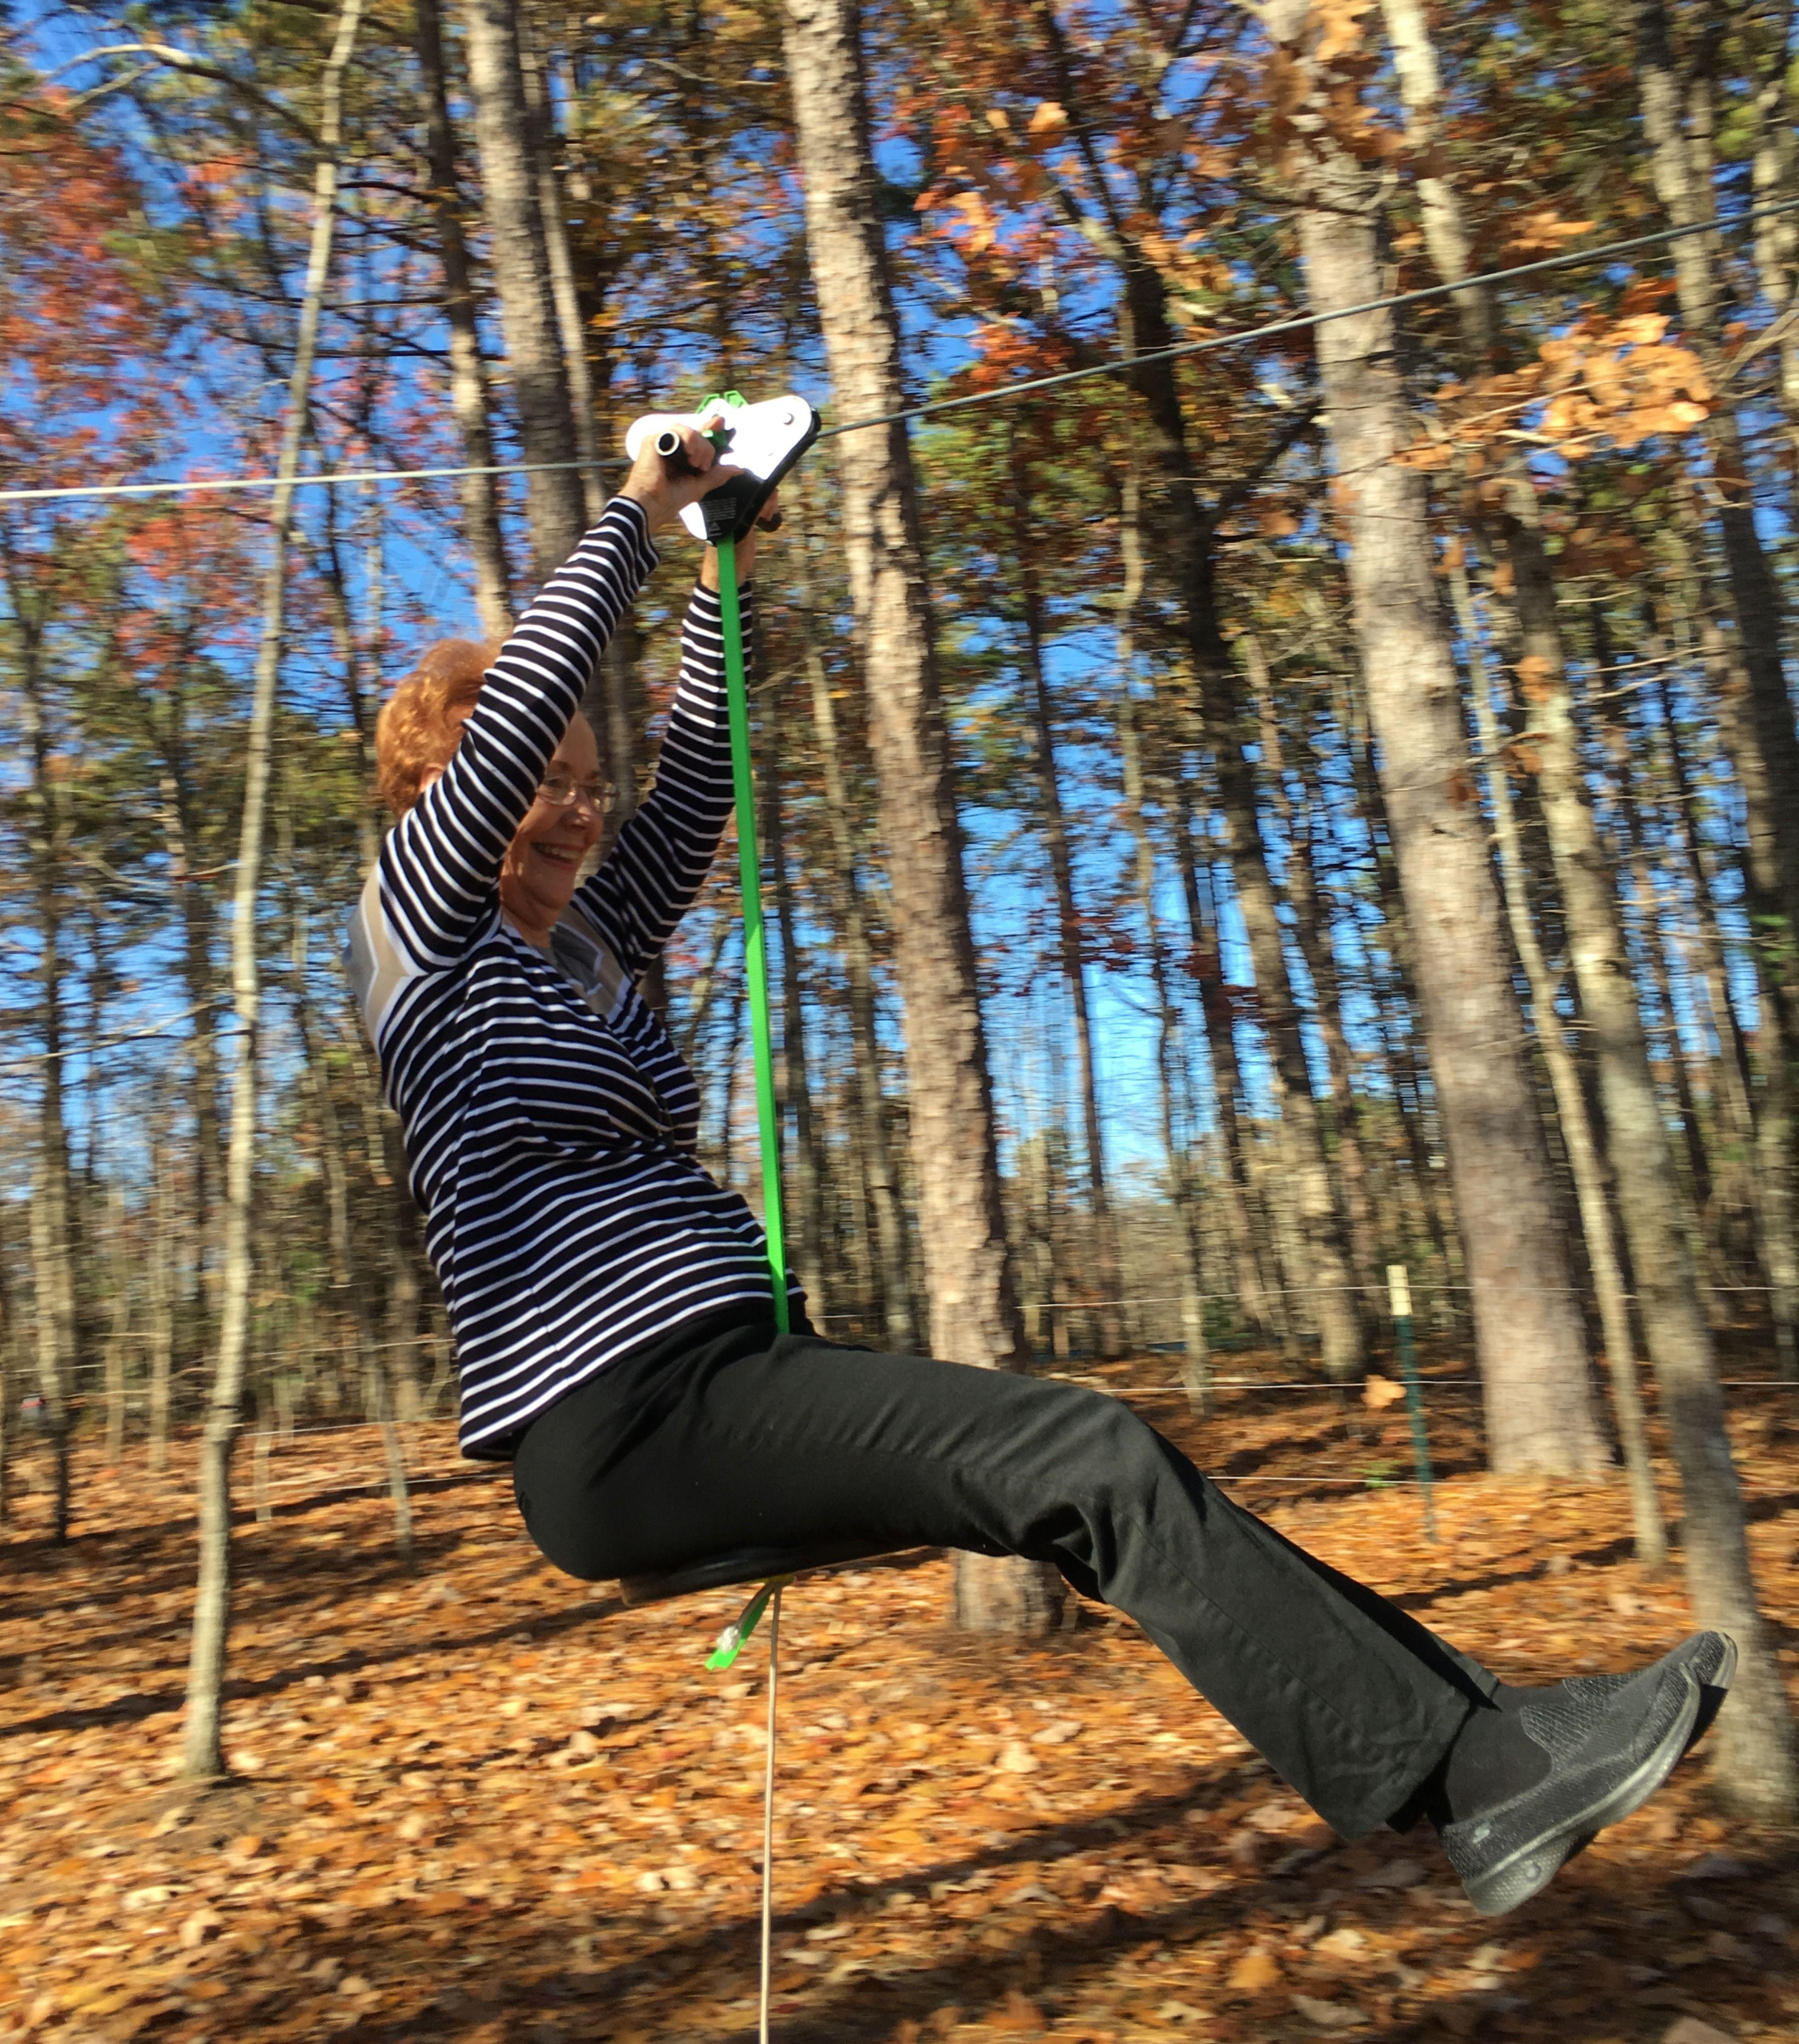 Never too old to have fun! | Zip line backyard, Zip line ...